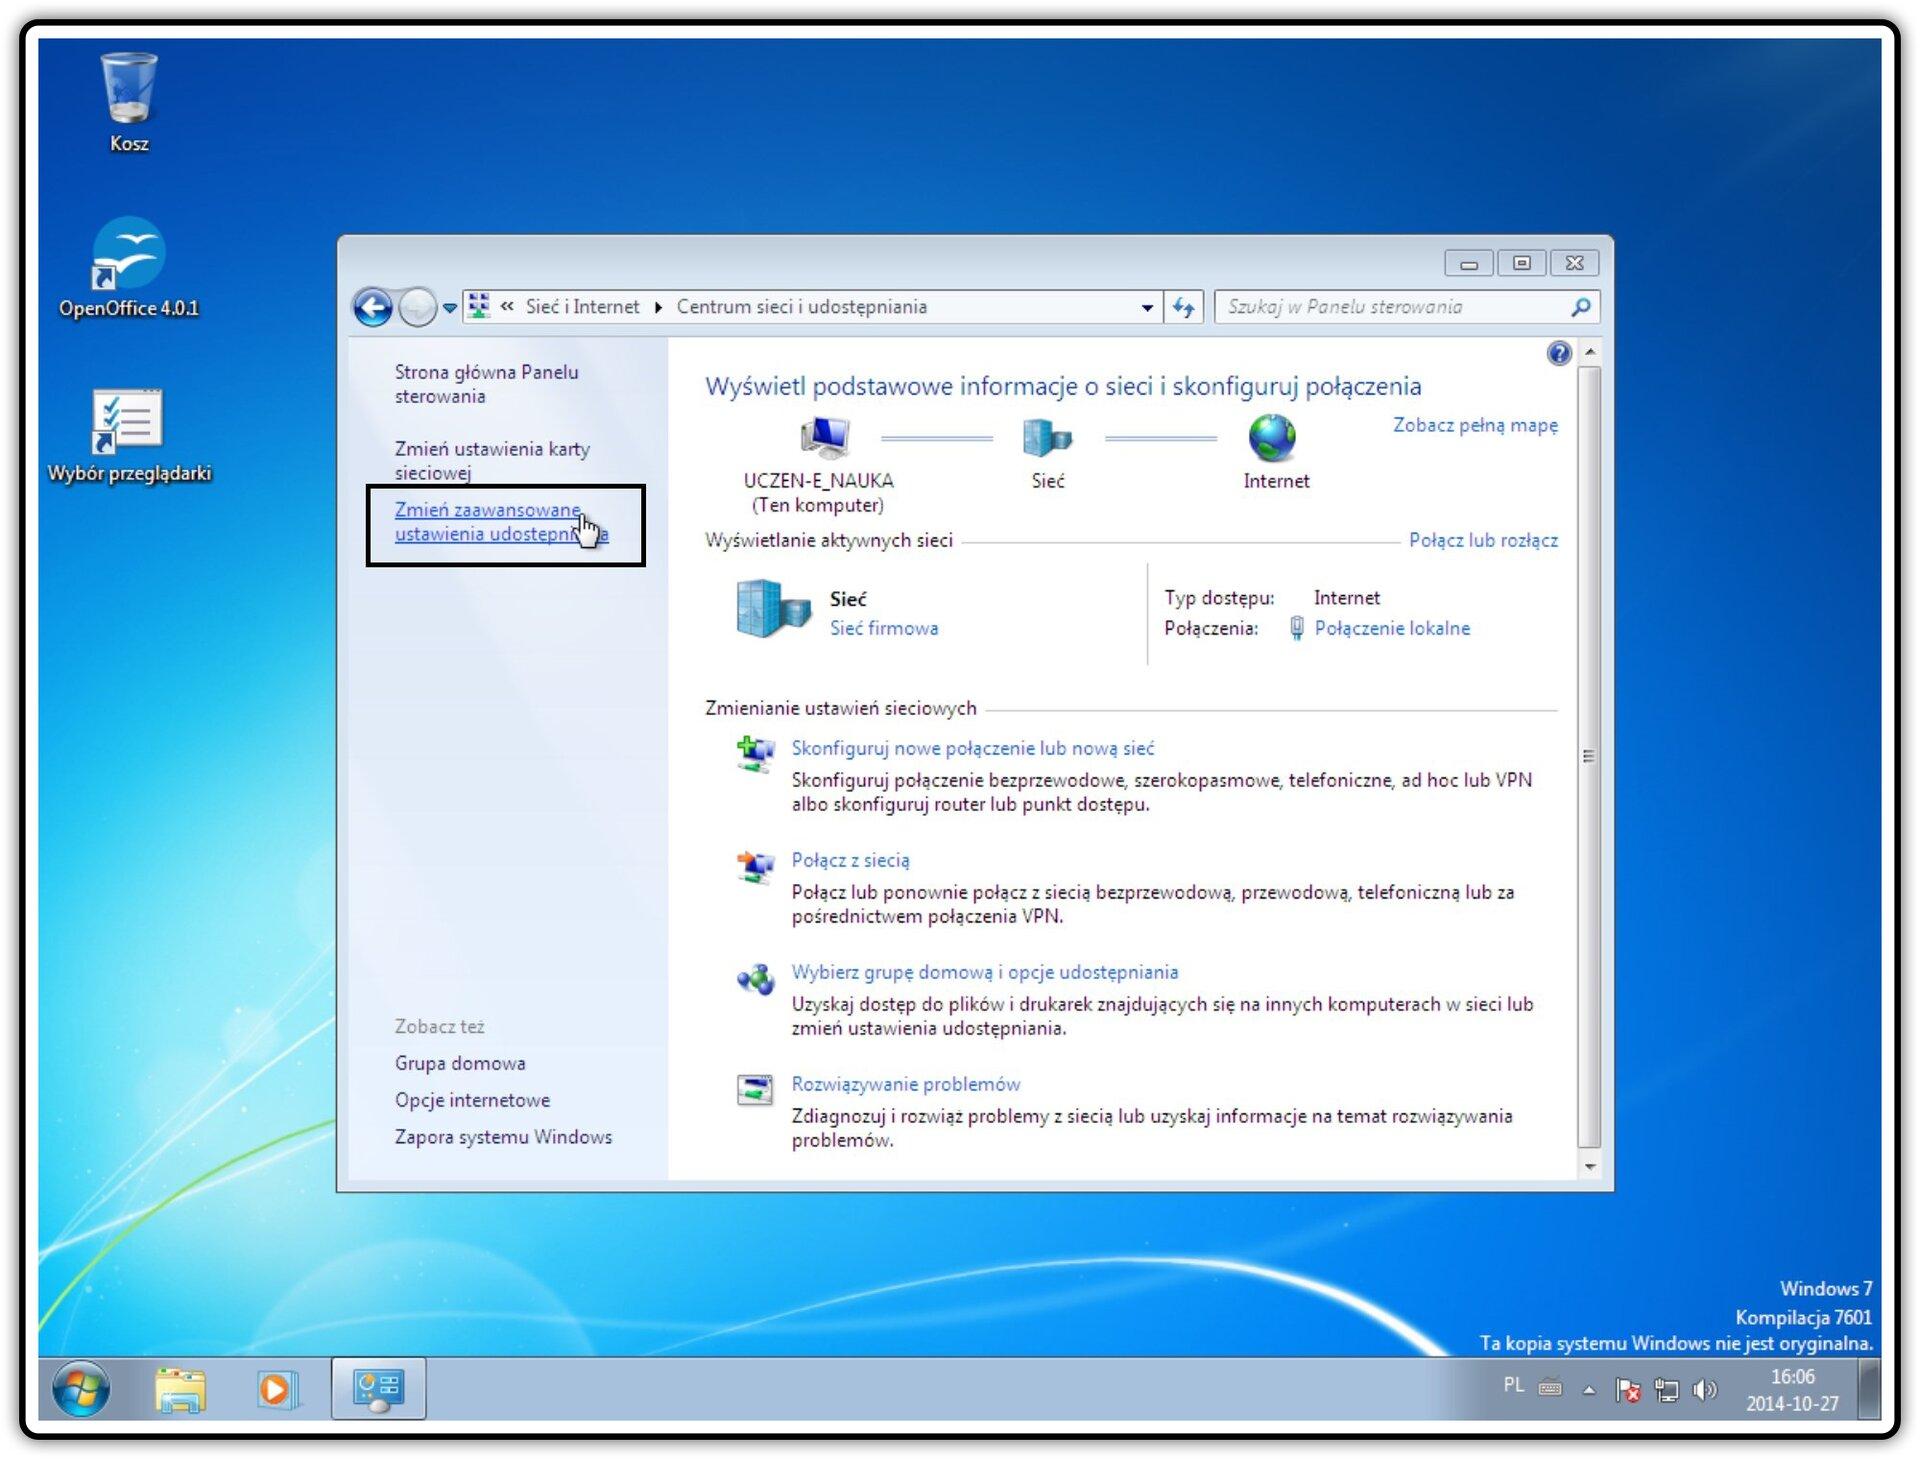 Ilustracja przedstawiająca: Krok 4 konfigurowania ustawień udostępniania wsystemie Windows